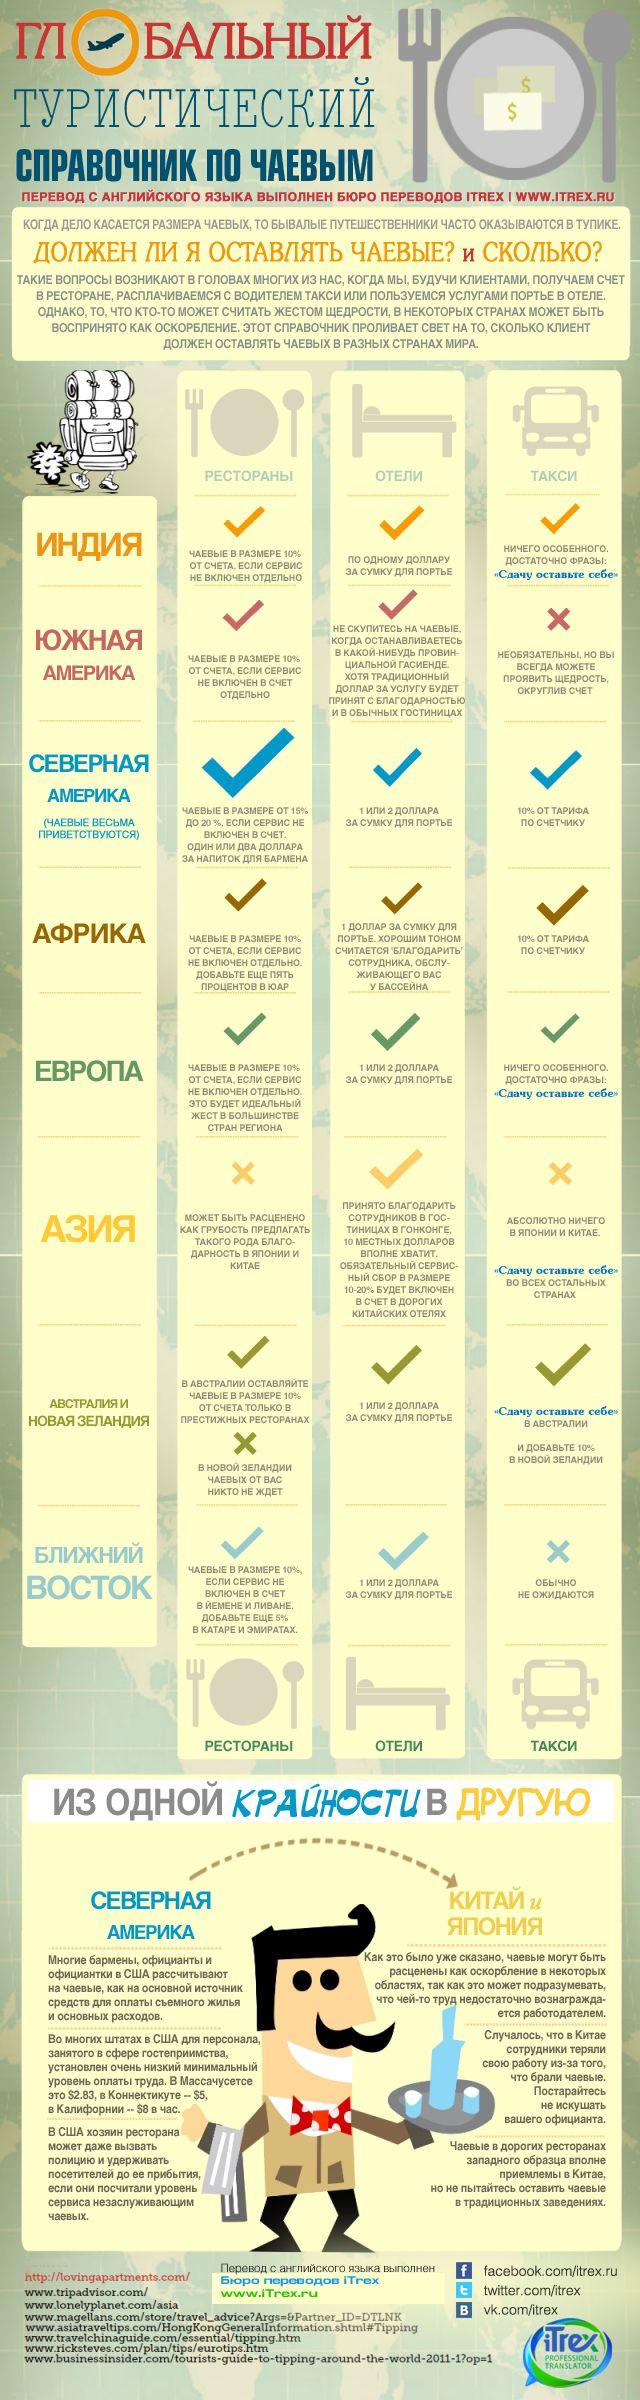 Бюро переводов iTrex. Глобальный туристический справочник по чаевым. В каждой…